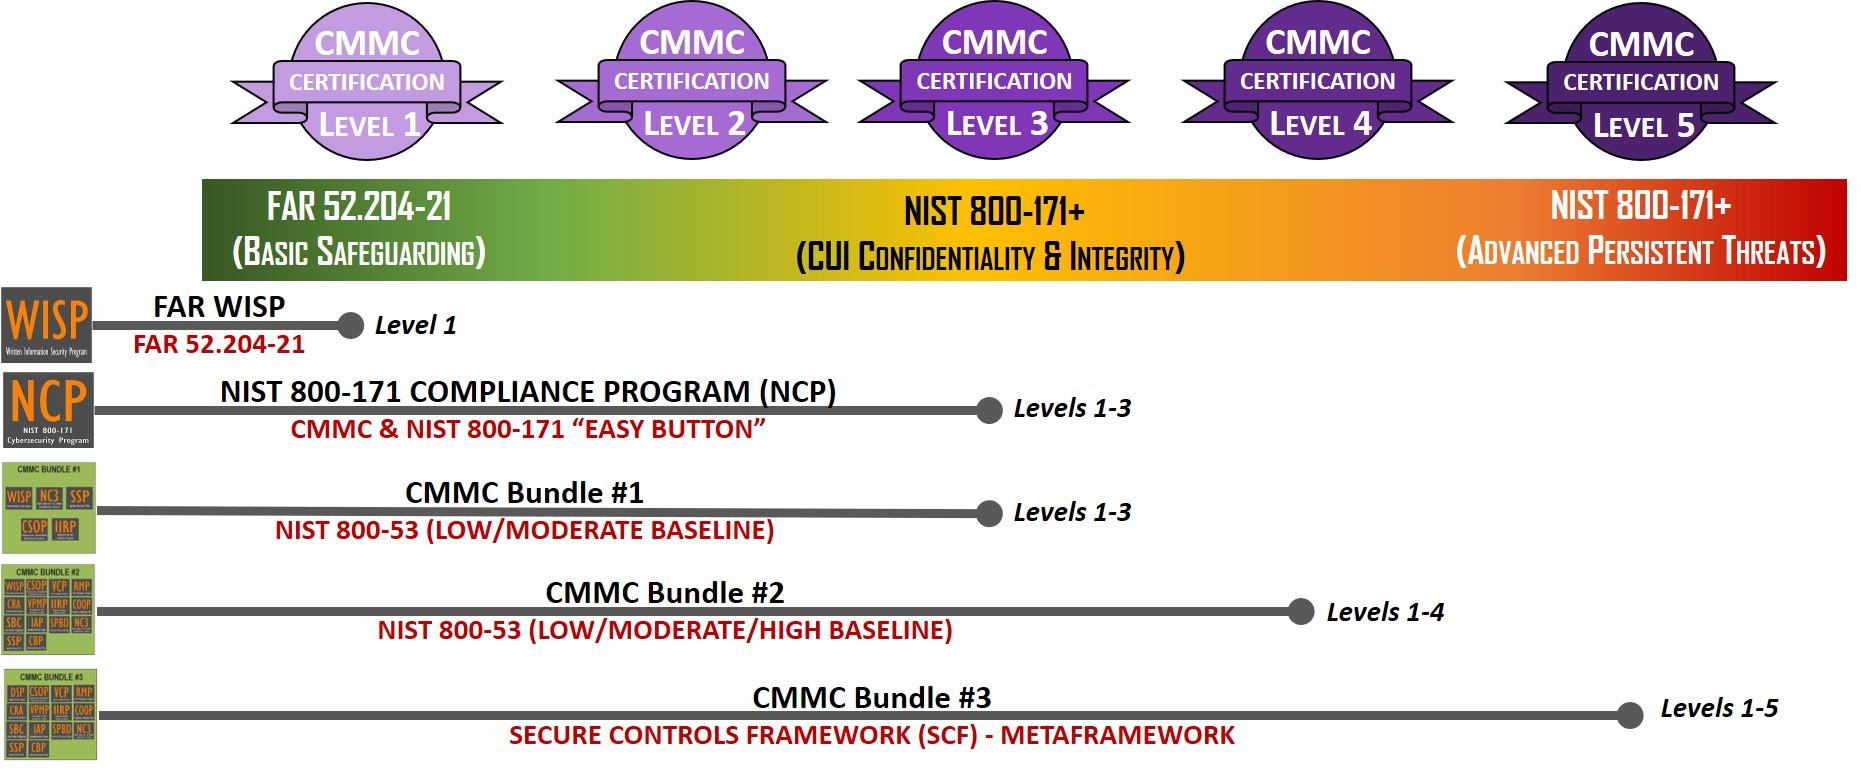 2020.1-cmmc-editable-policies-standards-procedures-ssp-poam-template-example.jpg